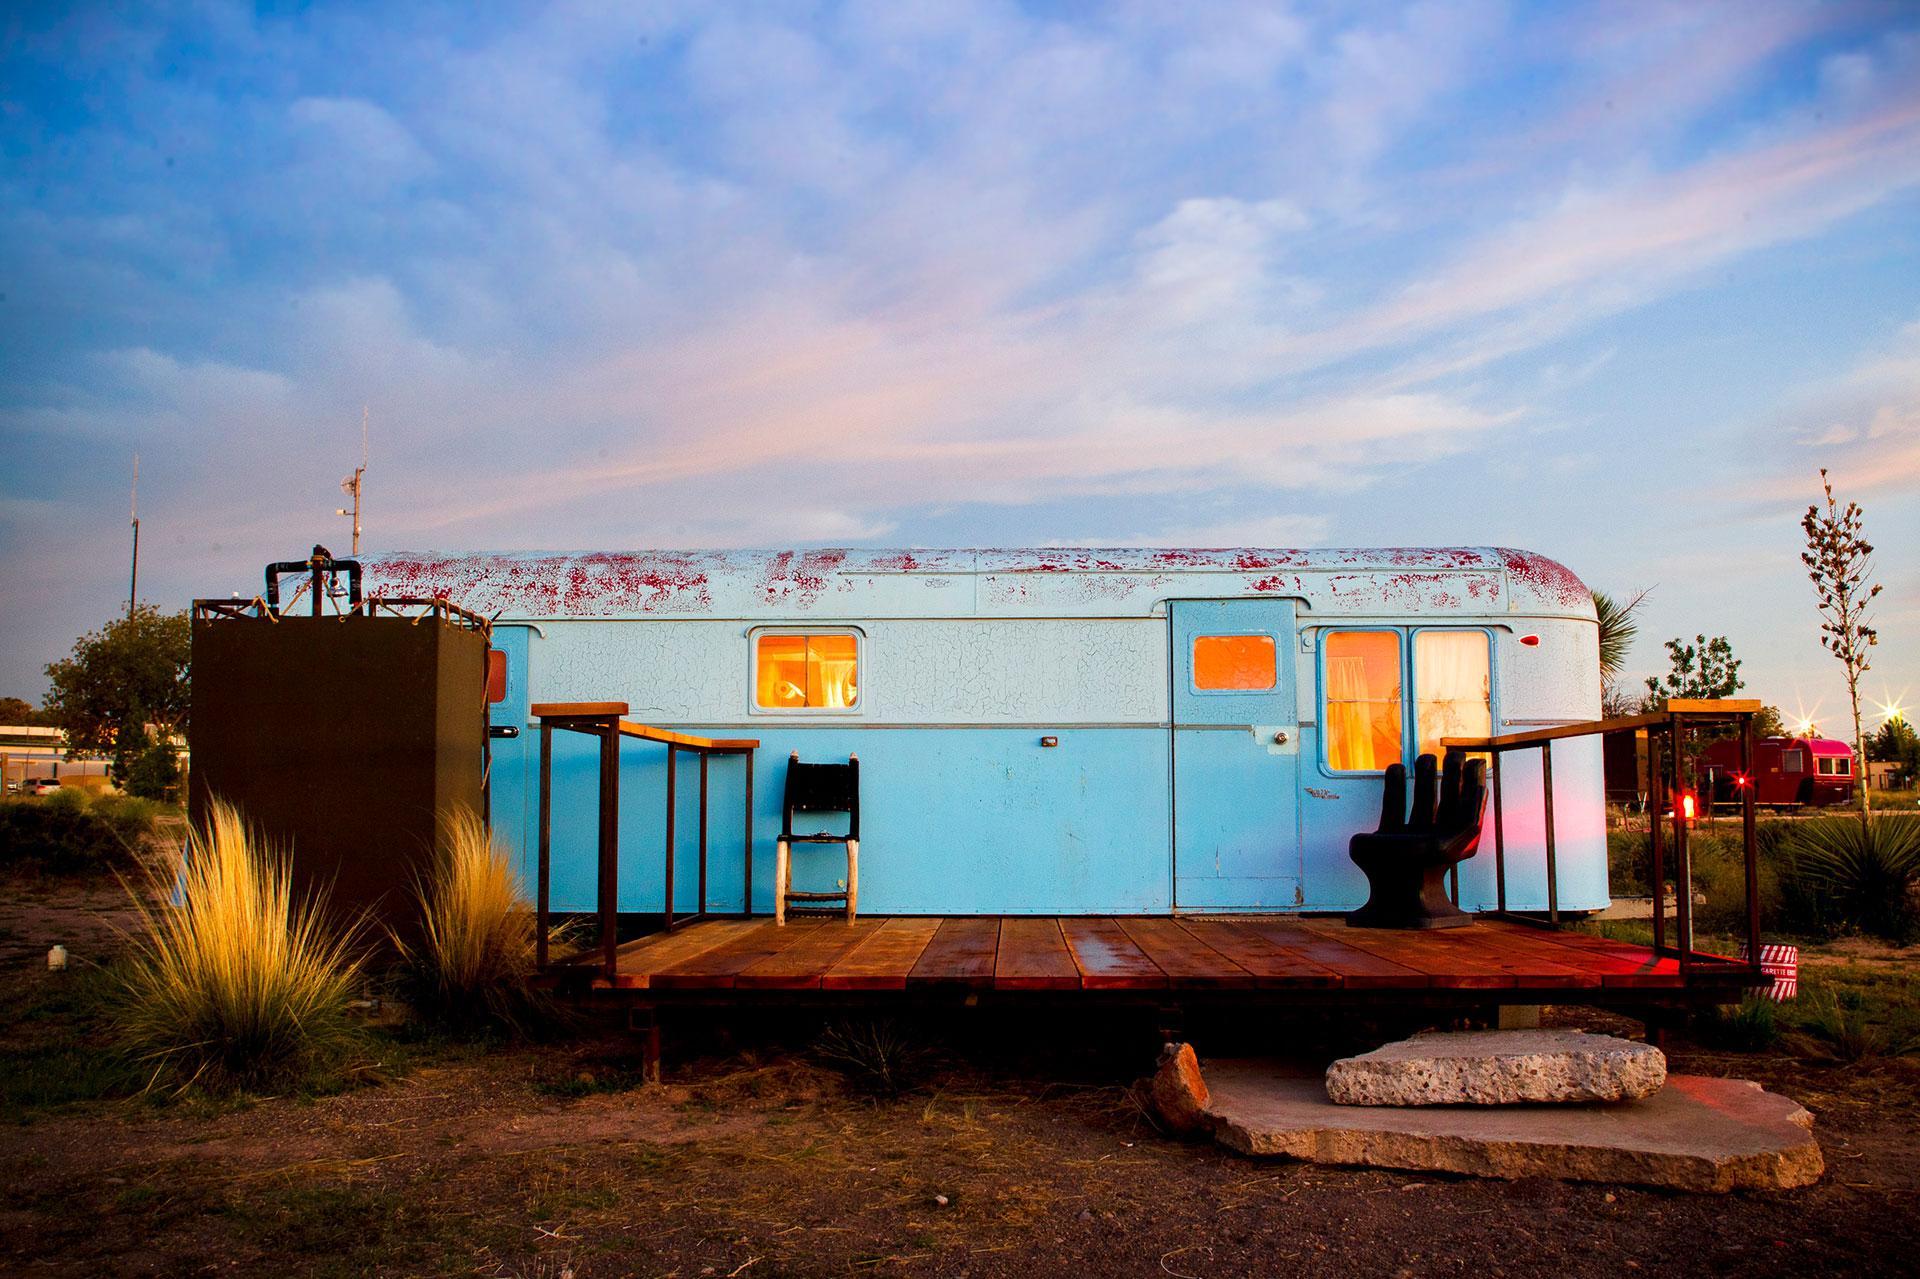 El Cosmico Hotels — Kozy Coach, Marfa, Texas